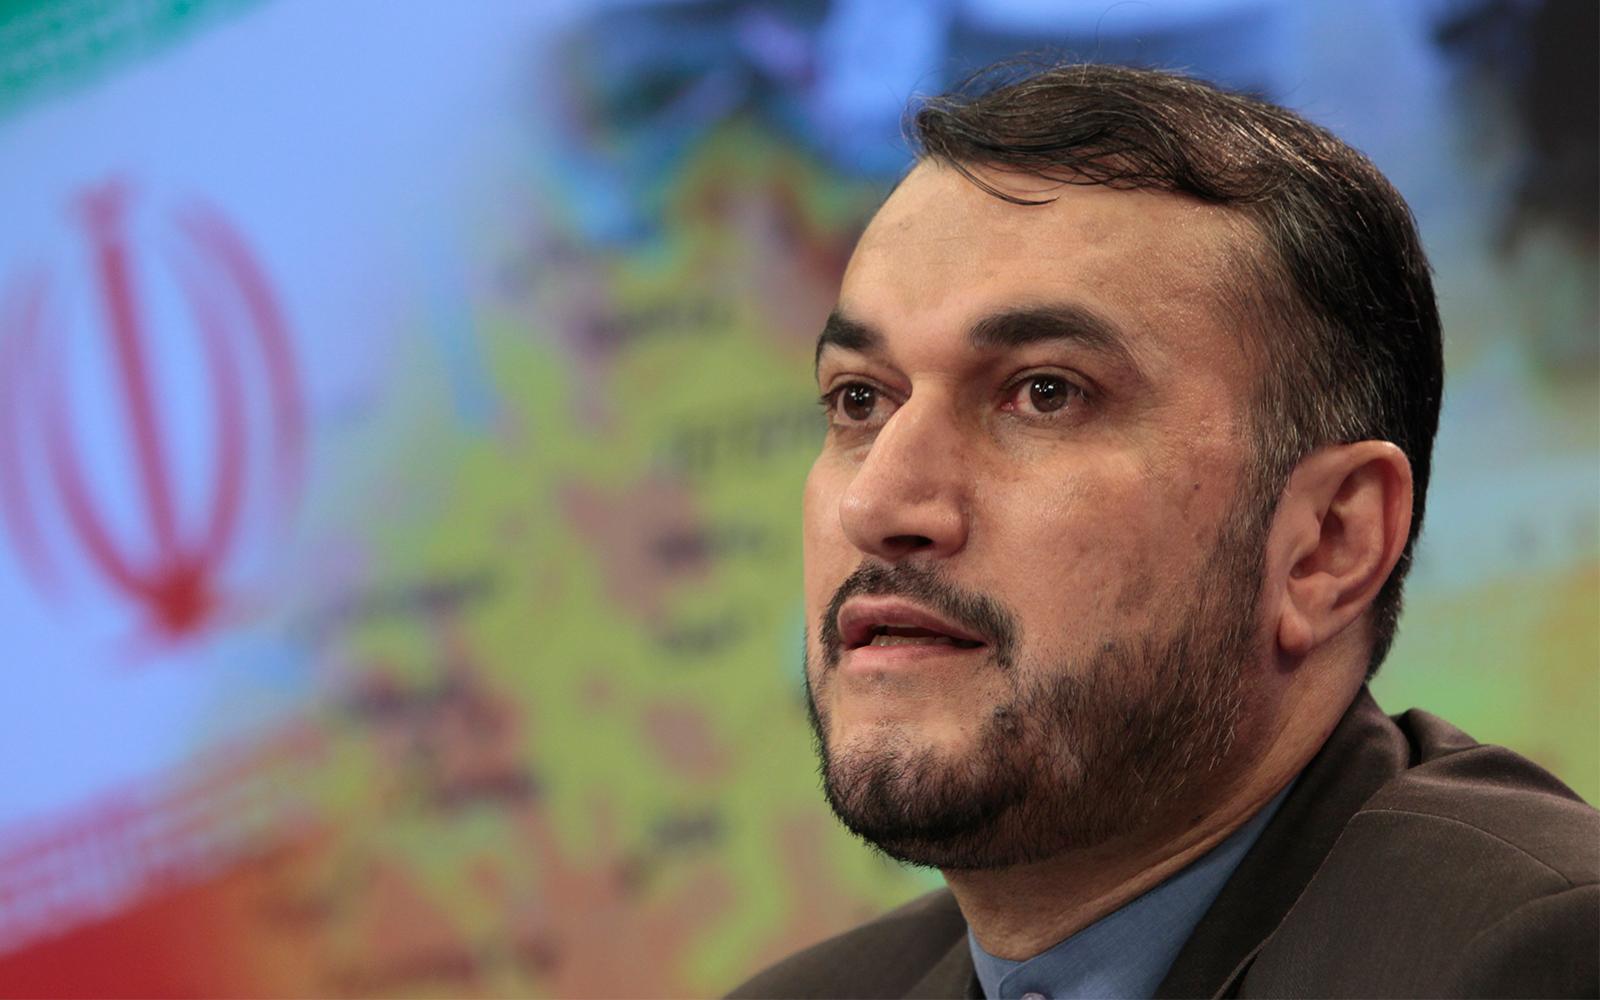 İran - Çin anlaşması; Zalımcasına sanksiyalara qarşı milli mənfəətlərin zəmanəti